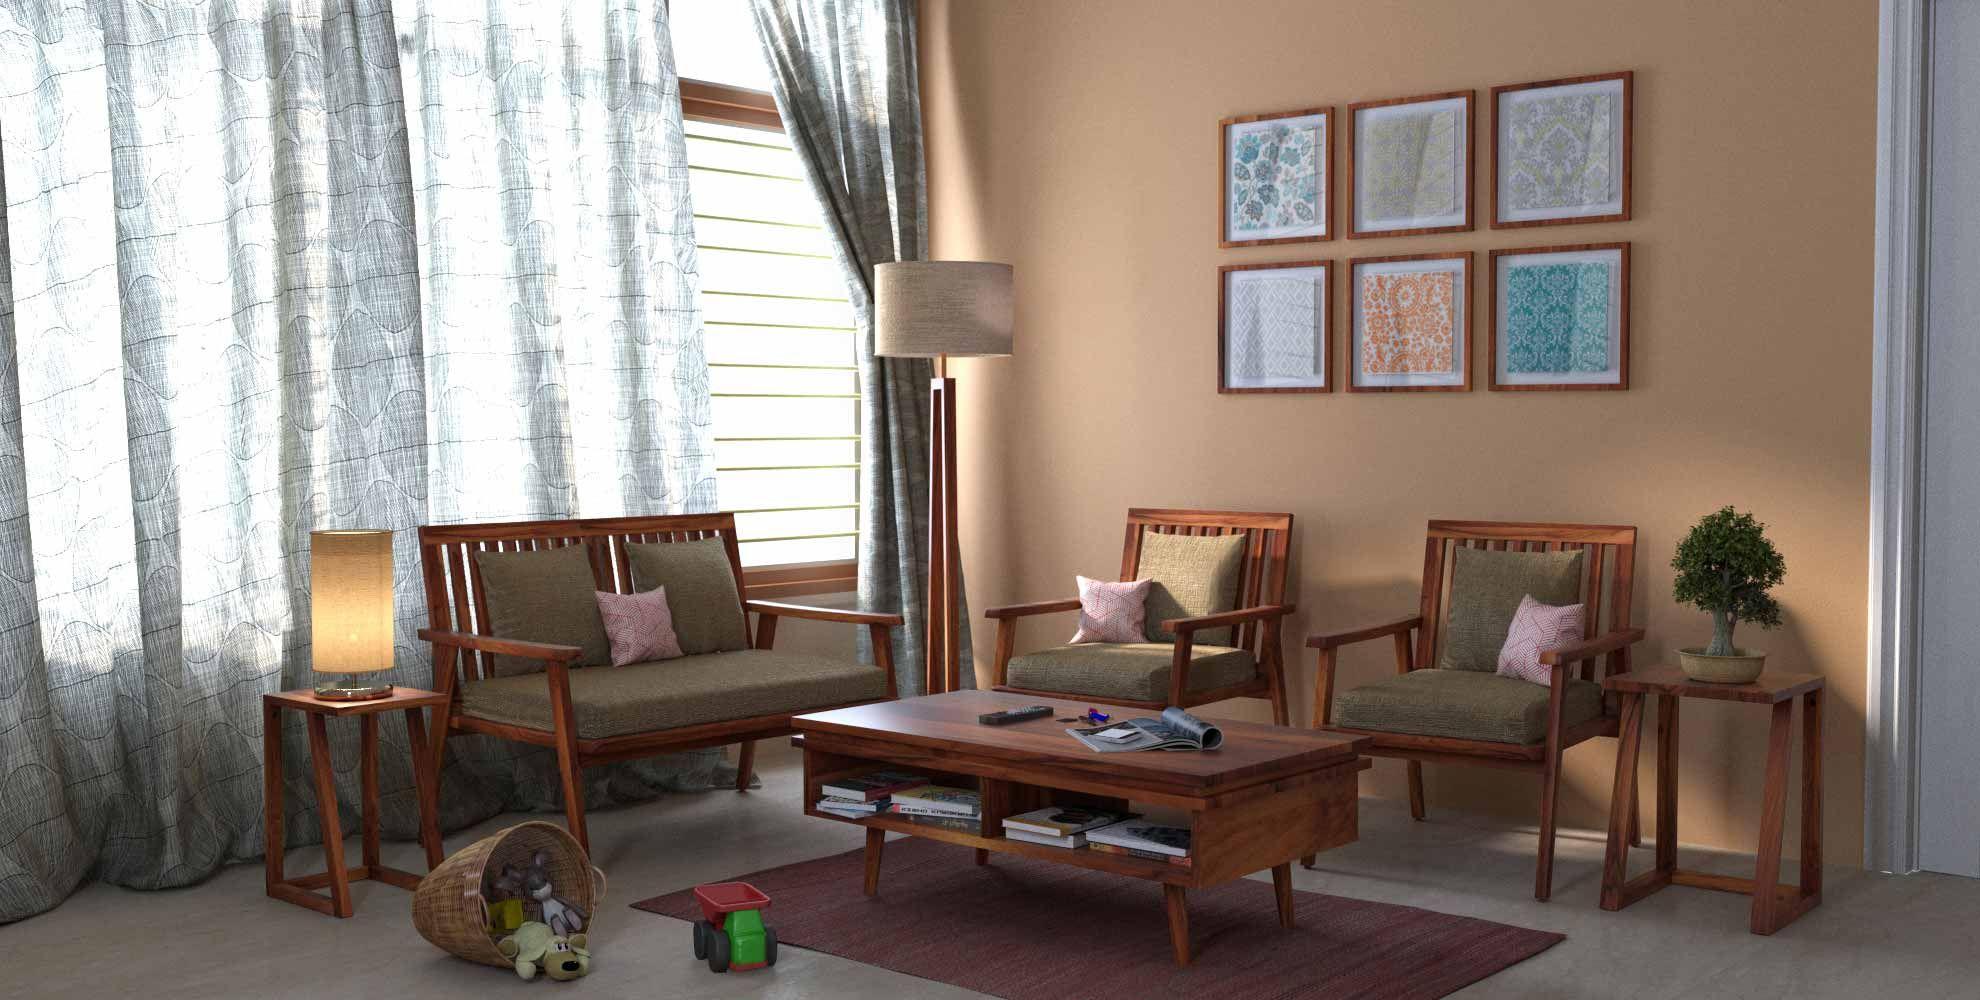 Interior Design Services in Singapore | NEN Interior Design ...